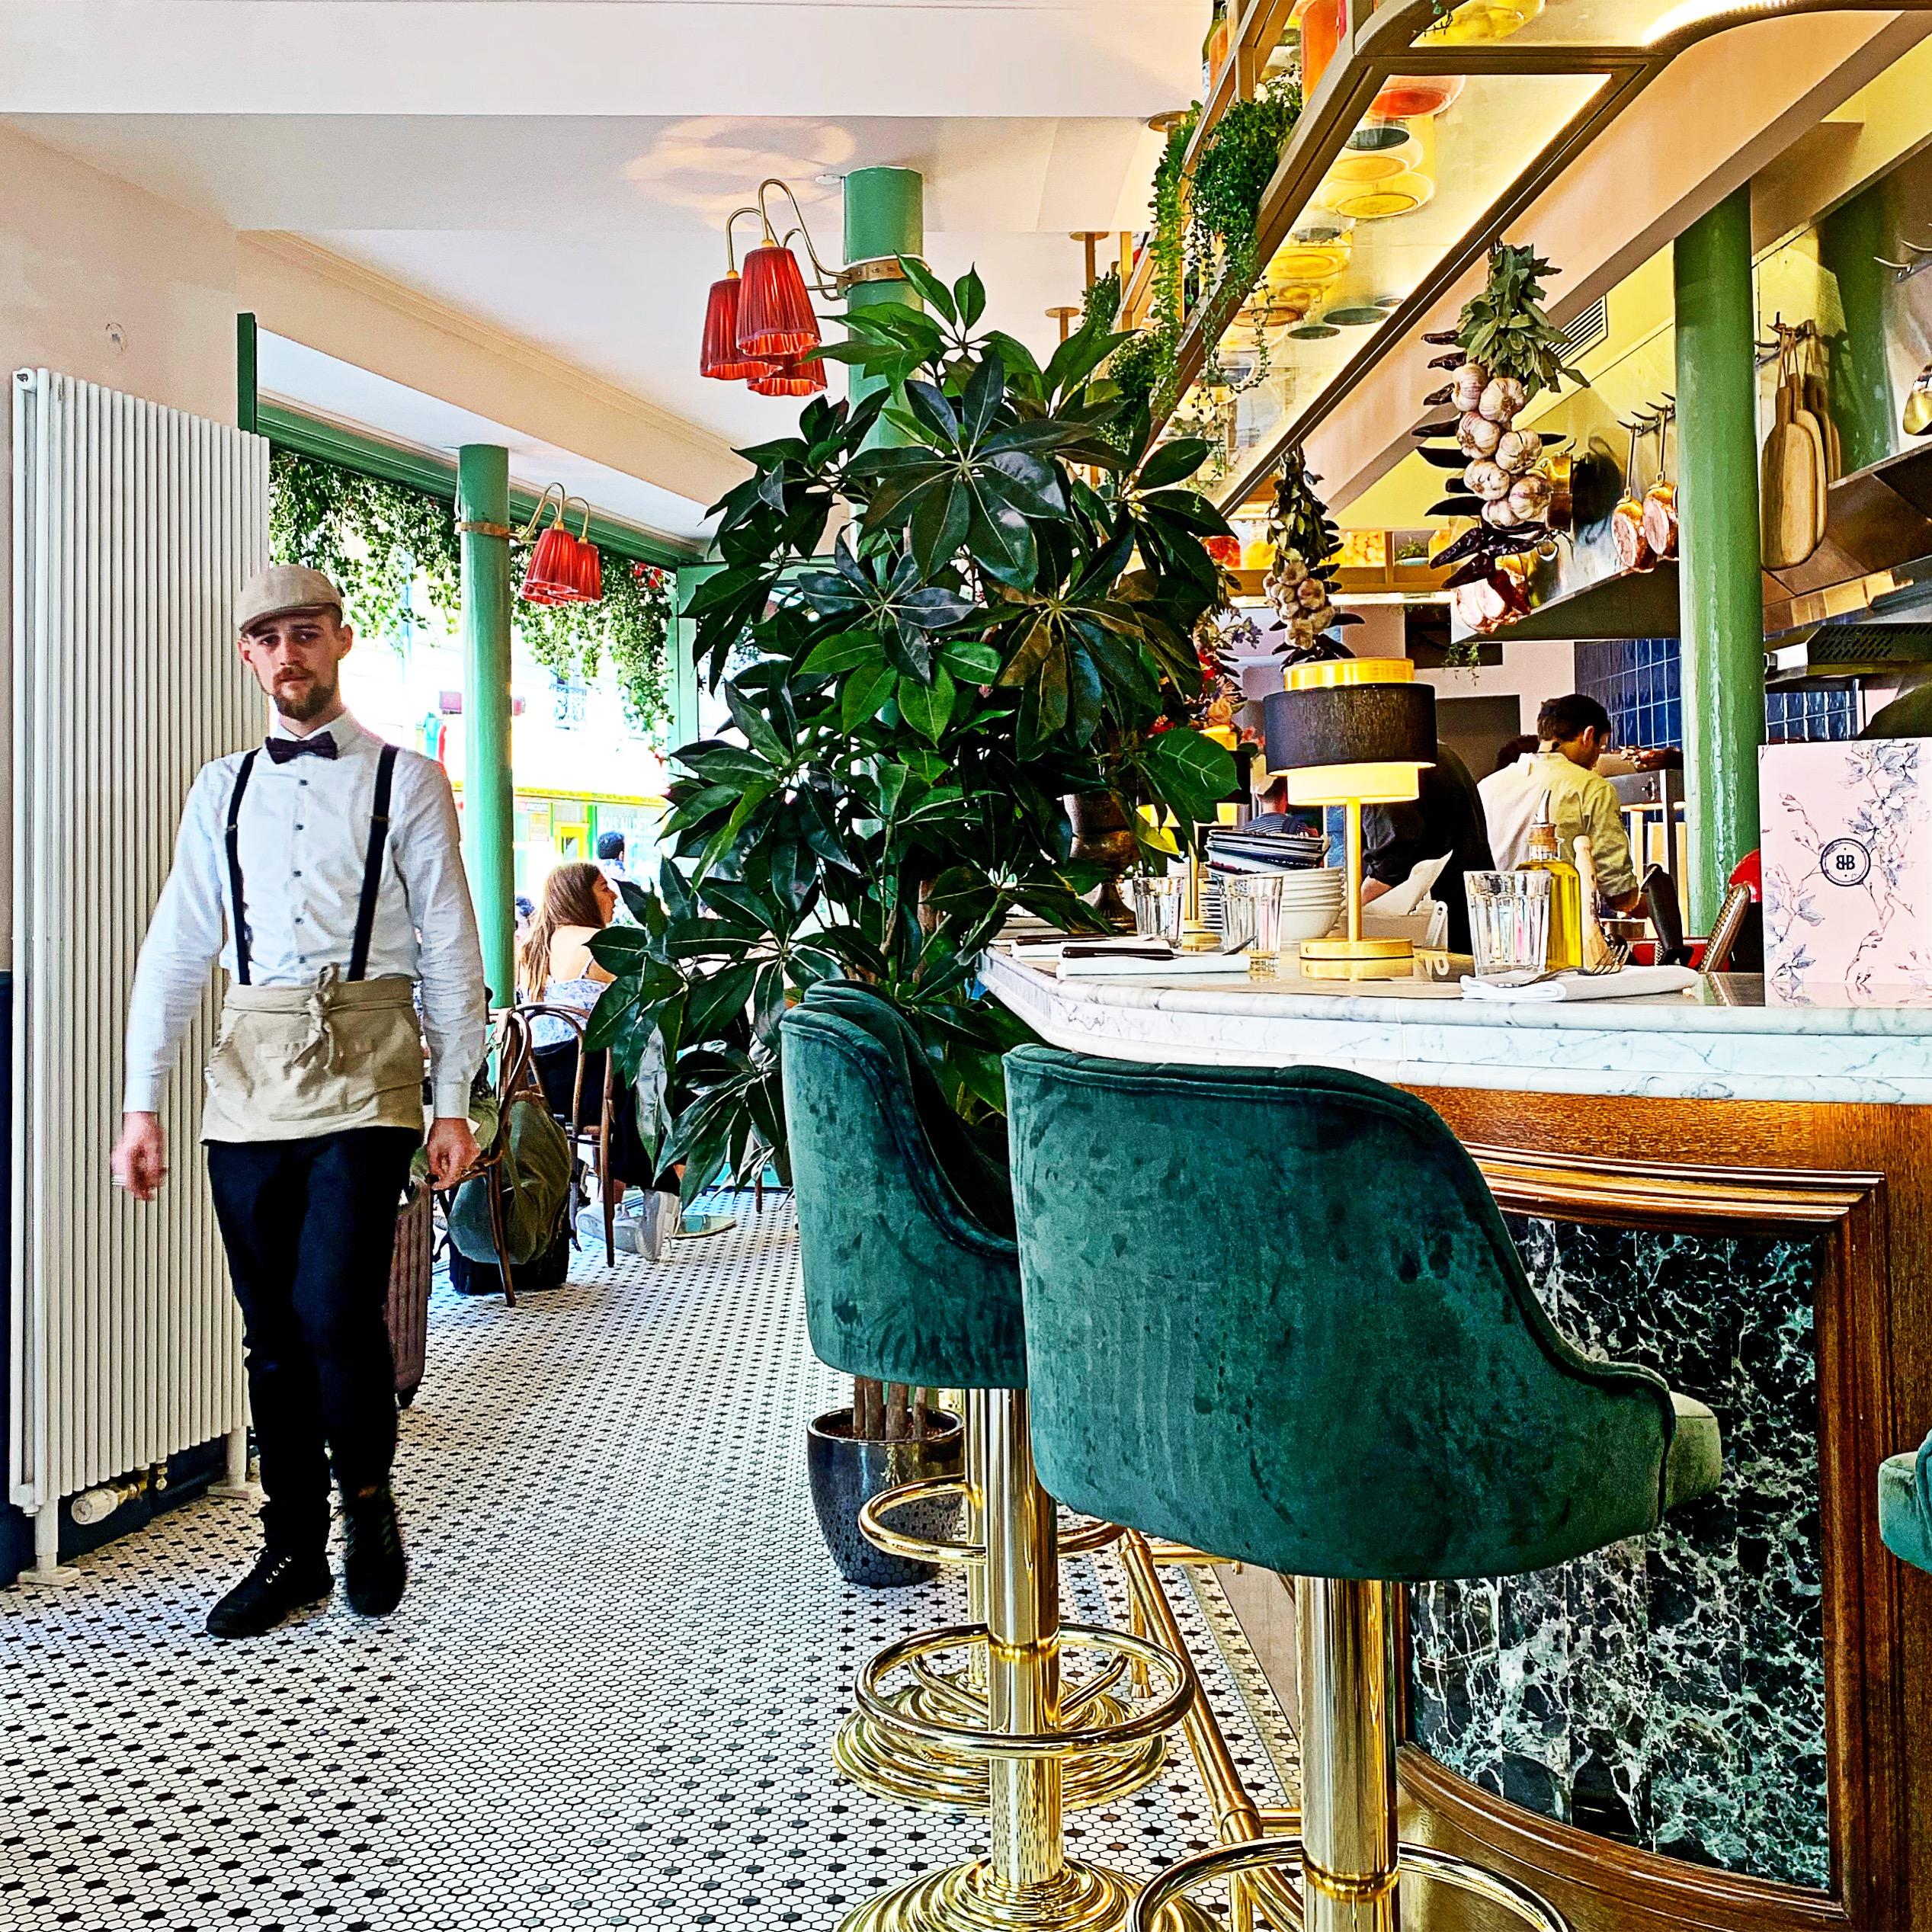 Brasserie Bellanger in Parijs: betaalbare brasserie met klassiek-meets-millennial-interieur